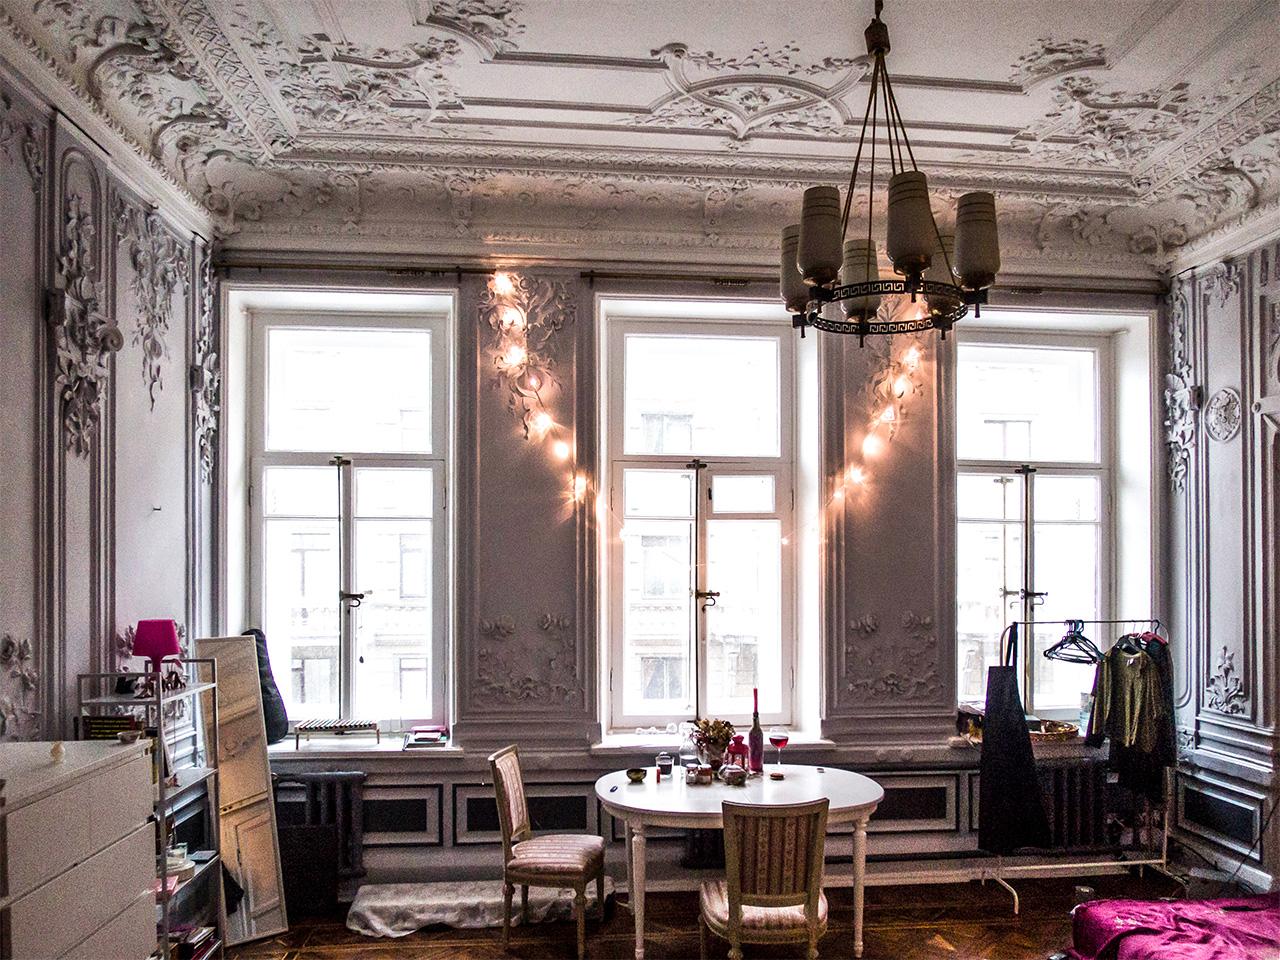 От цяла Русия Санкт Петербург е градът с най-много комунални апартаменти. Тези огромни помещения с множество стаи и комунални коридори, кухни и бани все още се срещат на всеки ъгъл. По данни от 2015 г. в града има около 85 000 такива апартаменти.